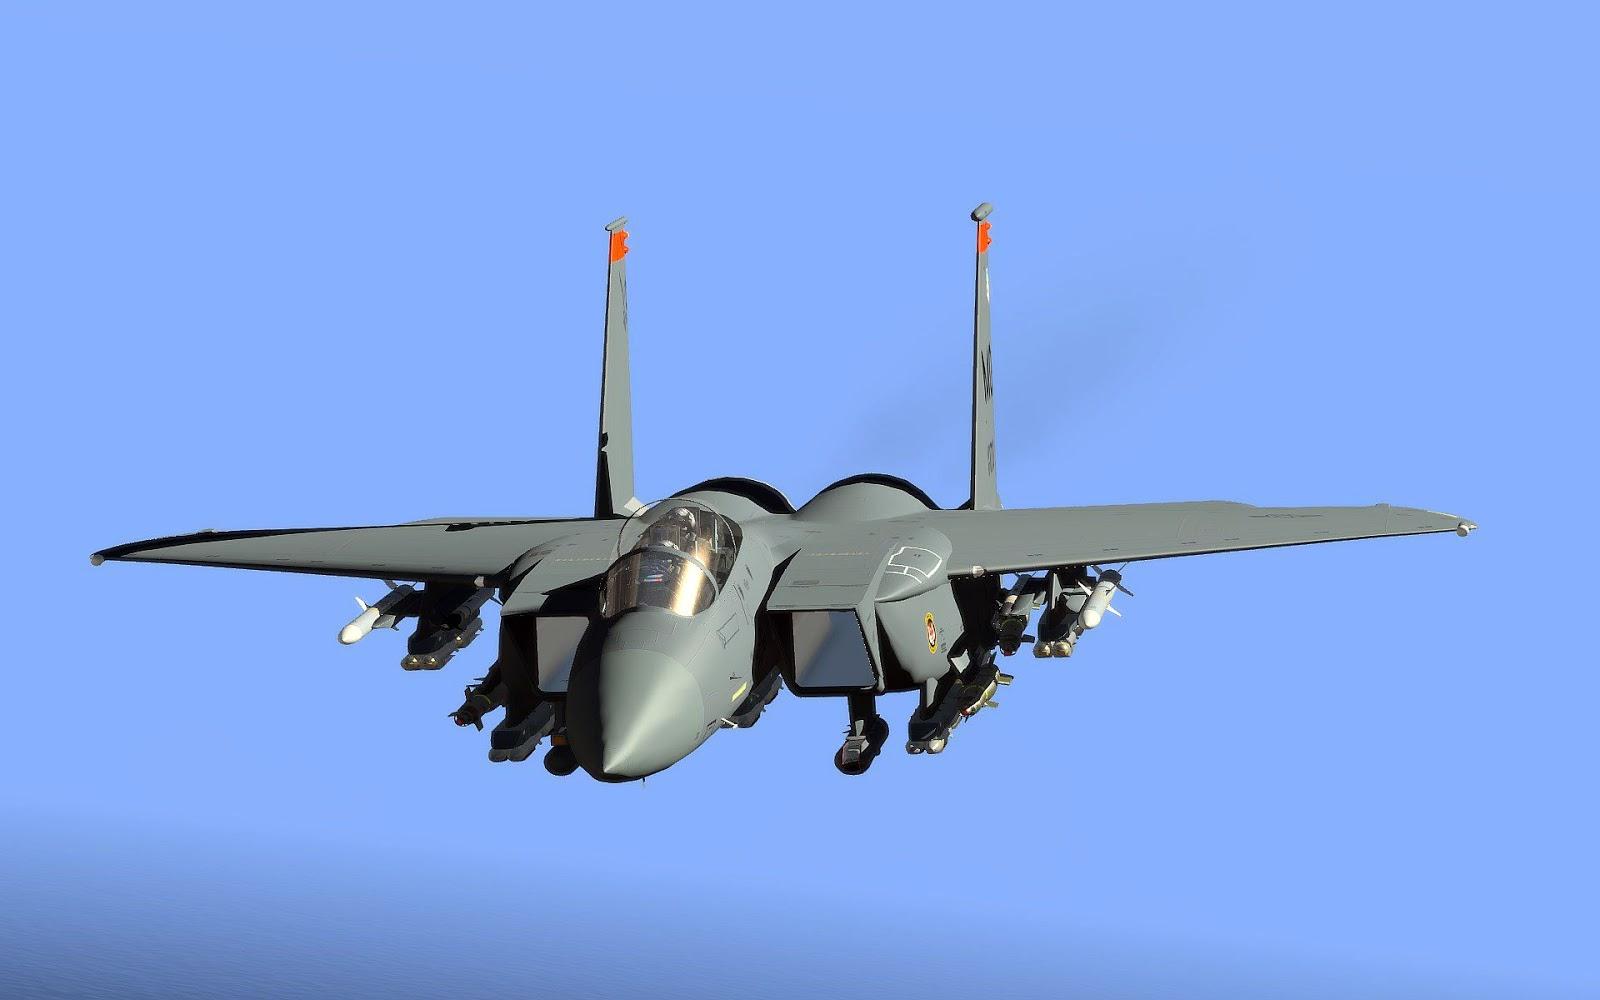 Arma 3 に米軍と自衛隊の爆弾など追加の FIR AWS US アドオンで